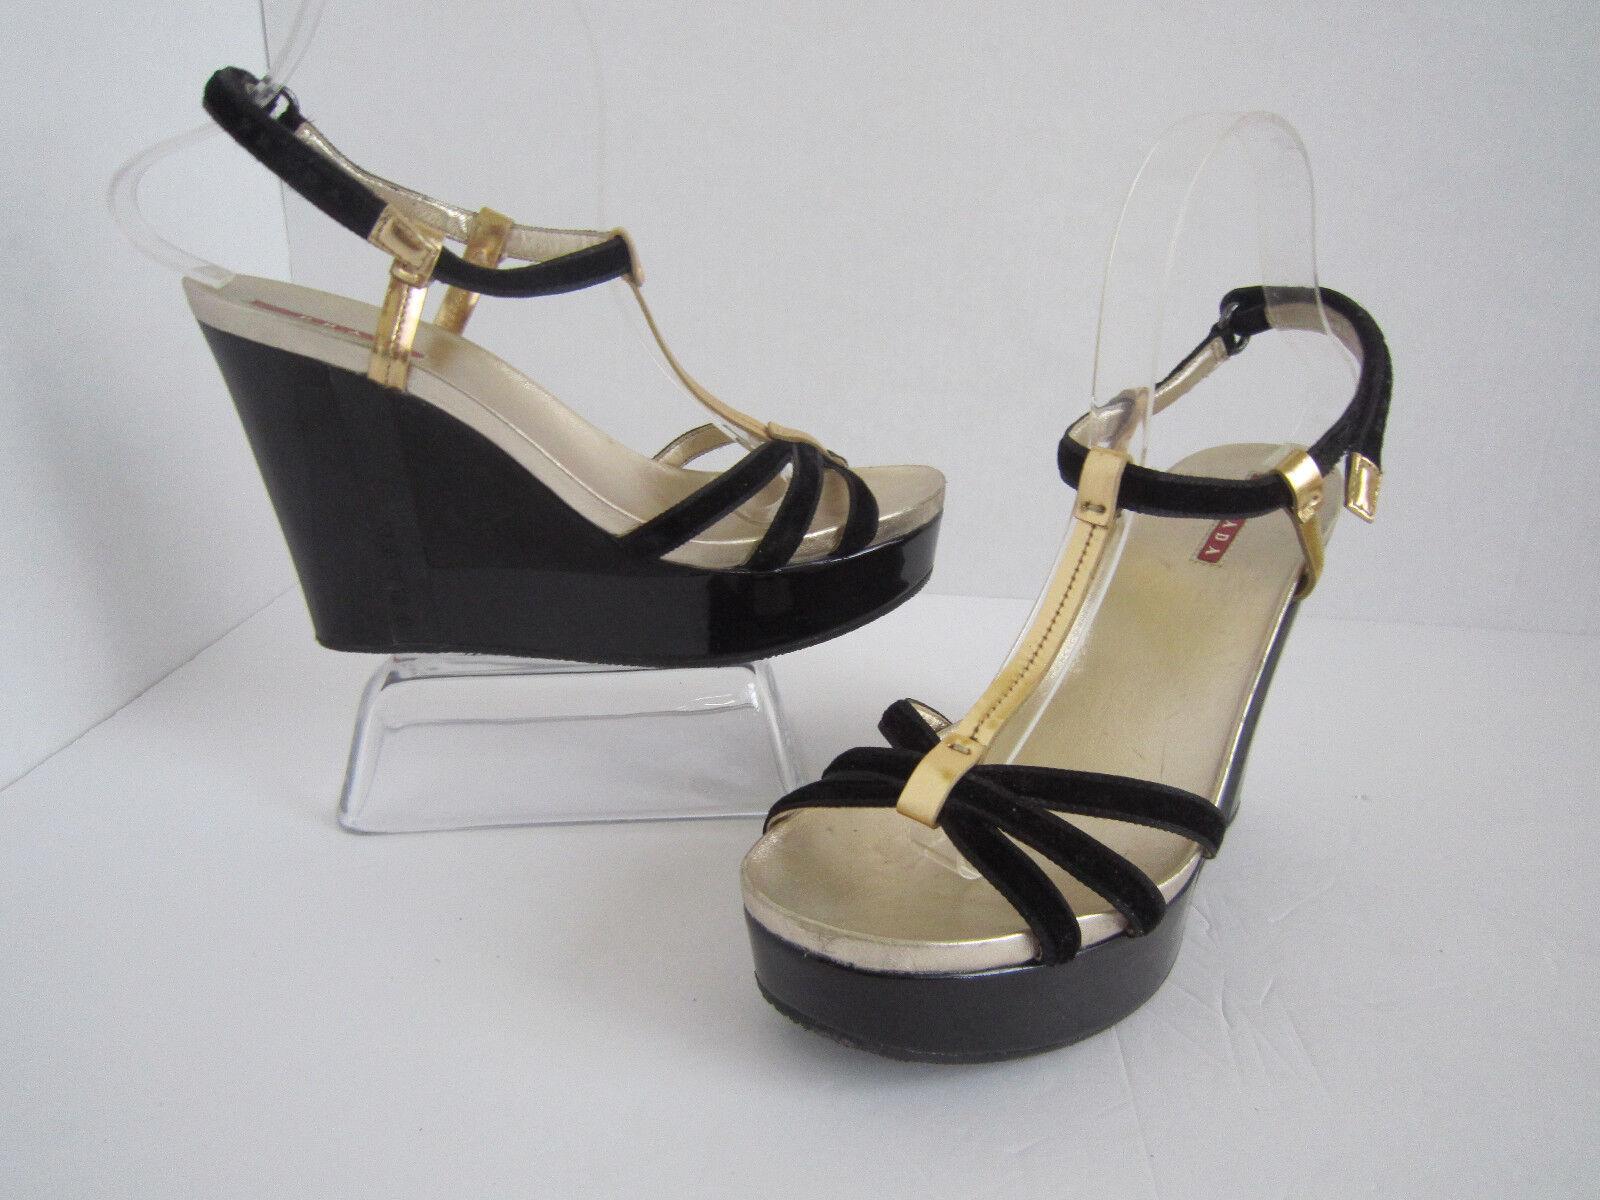 Prada de terciopelo negro oro cuero Patente Cuña Cuña Cuña Deportes Sandalias talla 38 US 8  presentando toda la última moda de la calle